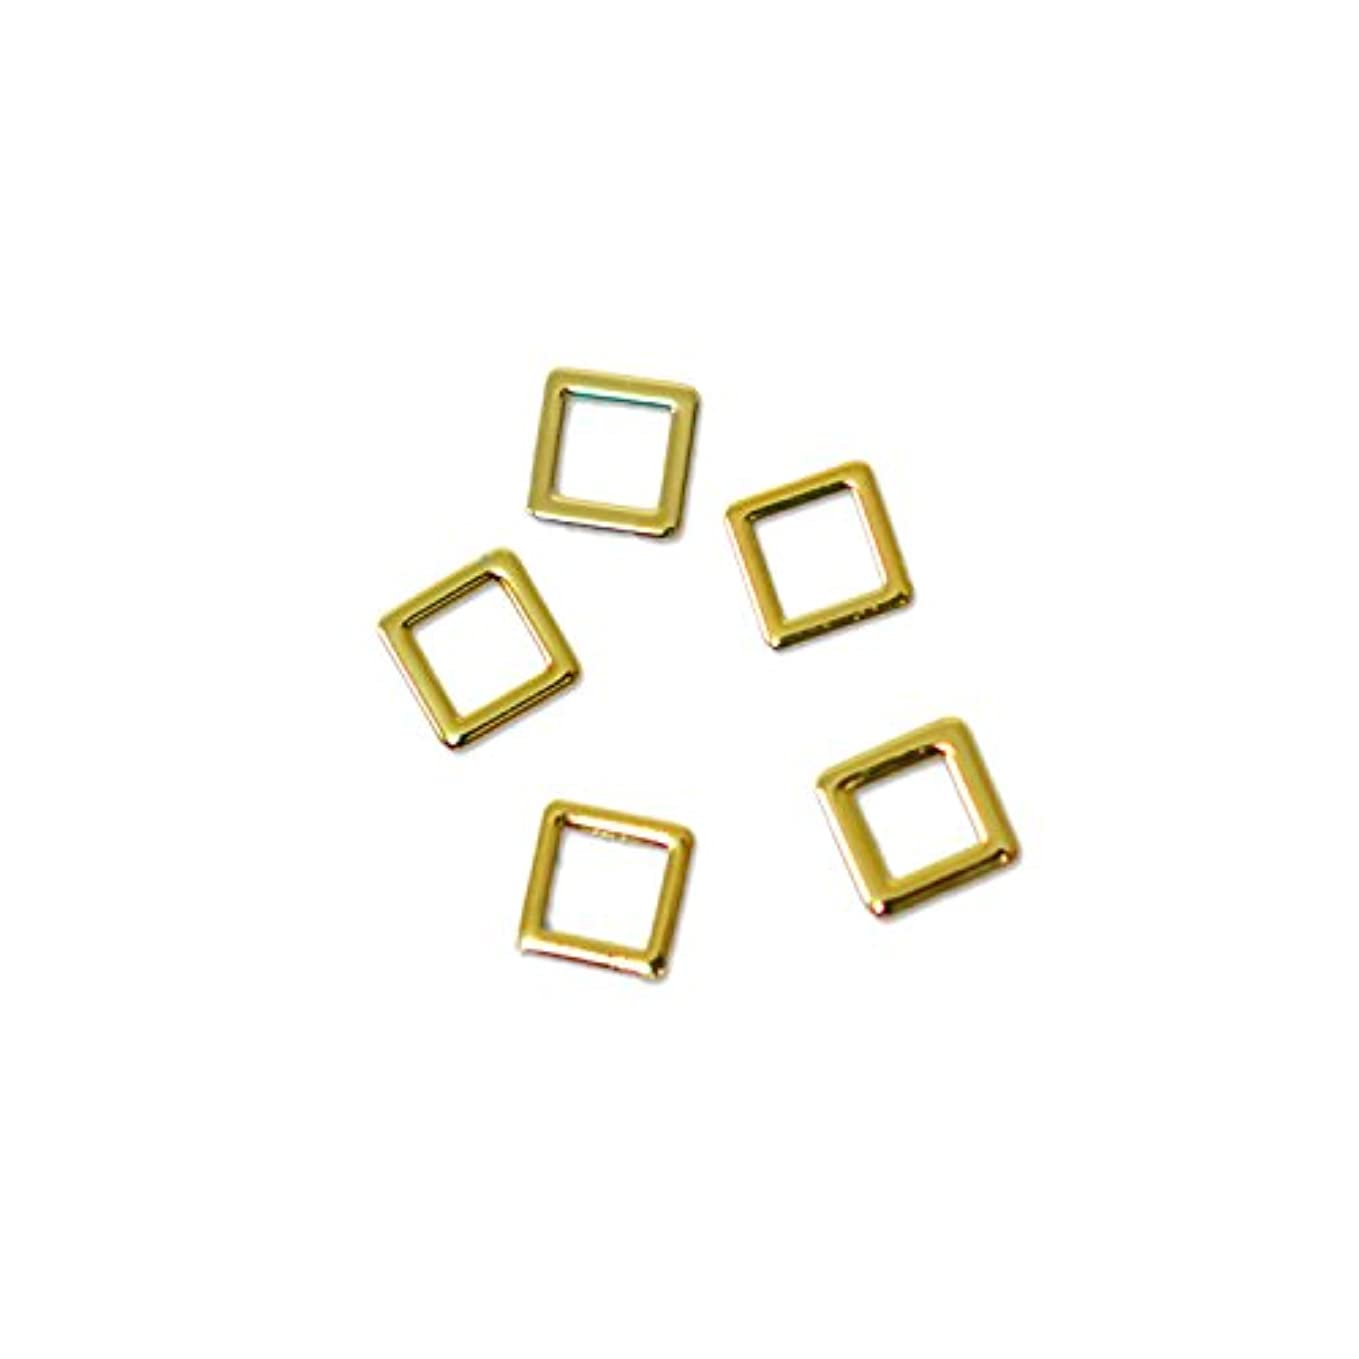 ビバにんじん後世薄型メタルパーツ10001 スクエア 約3mm(内寸約2mm) ゴールド 20個入り 片面仕上